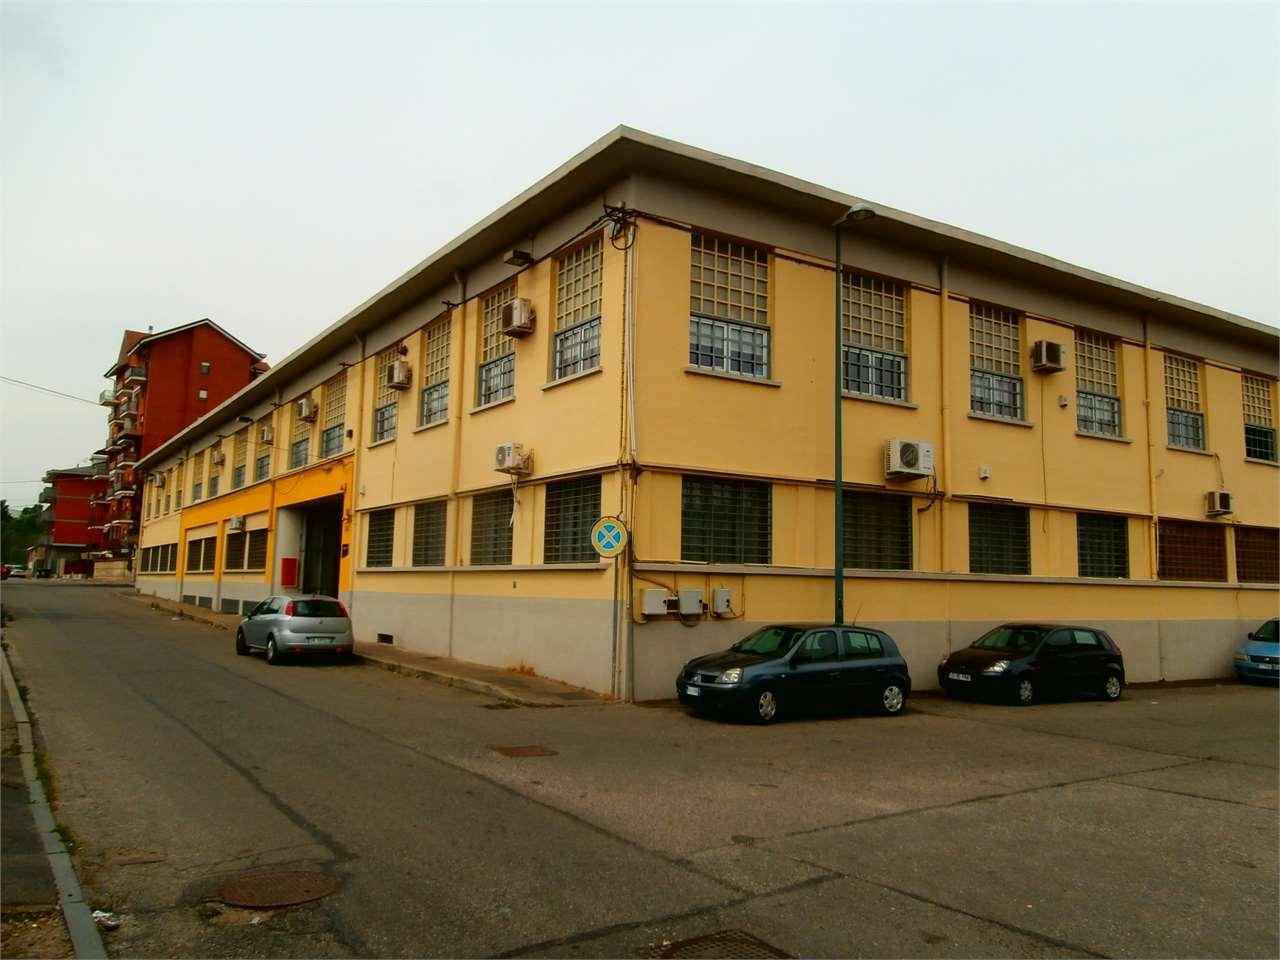 Ufficio / Studio in affitto a Torino, 9999 locali, zona Località: Parella, prezzo € 1.900 | CambioCasa.it